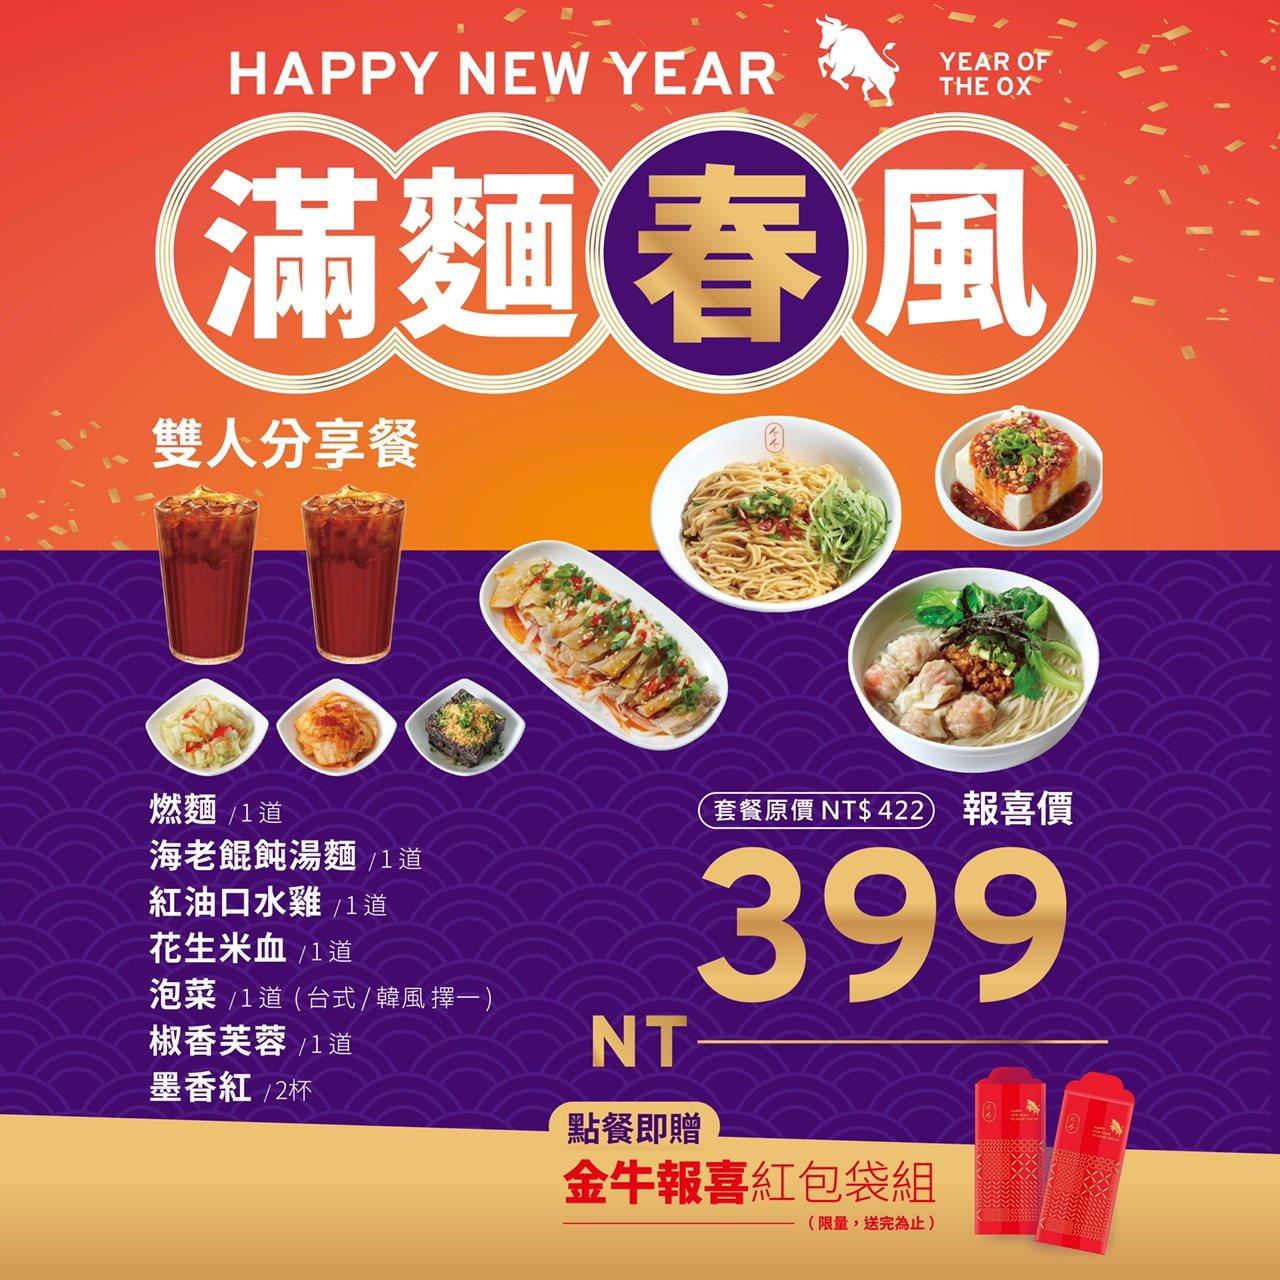 銷魂燃麵只要銅板價!新竹文青麵食館推出滿麵春風套餐,平均不到兩百元享七樣餐點再送限量紅包袋